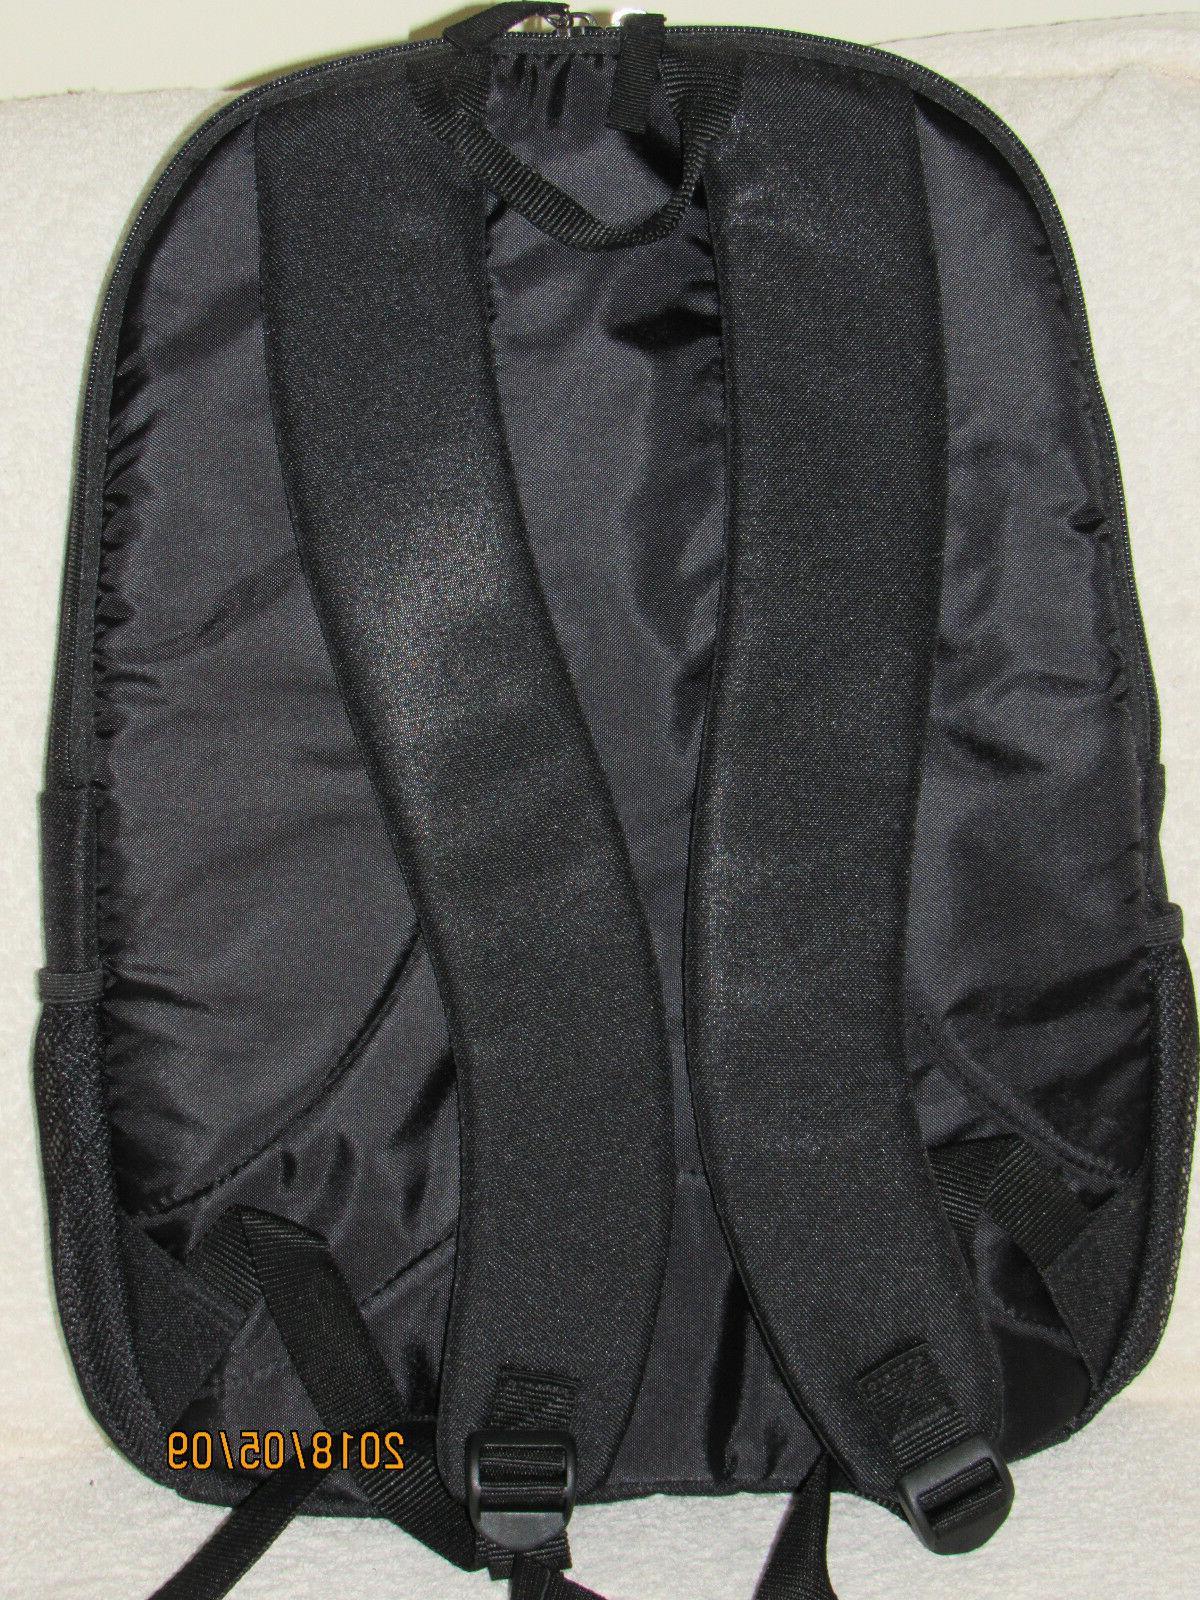 Targus Laptop Backpack - Black/Red New